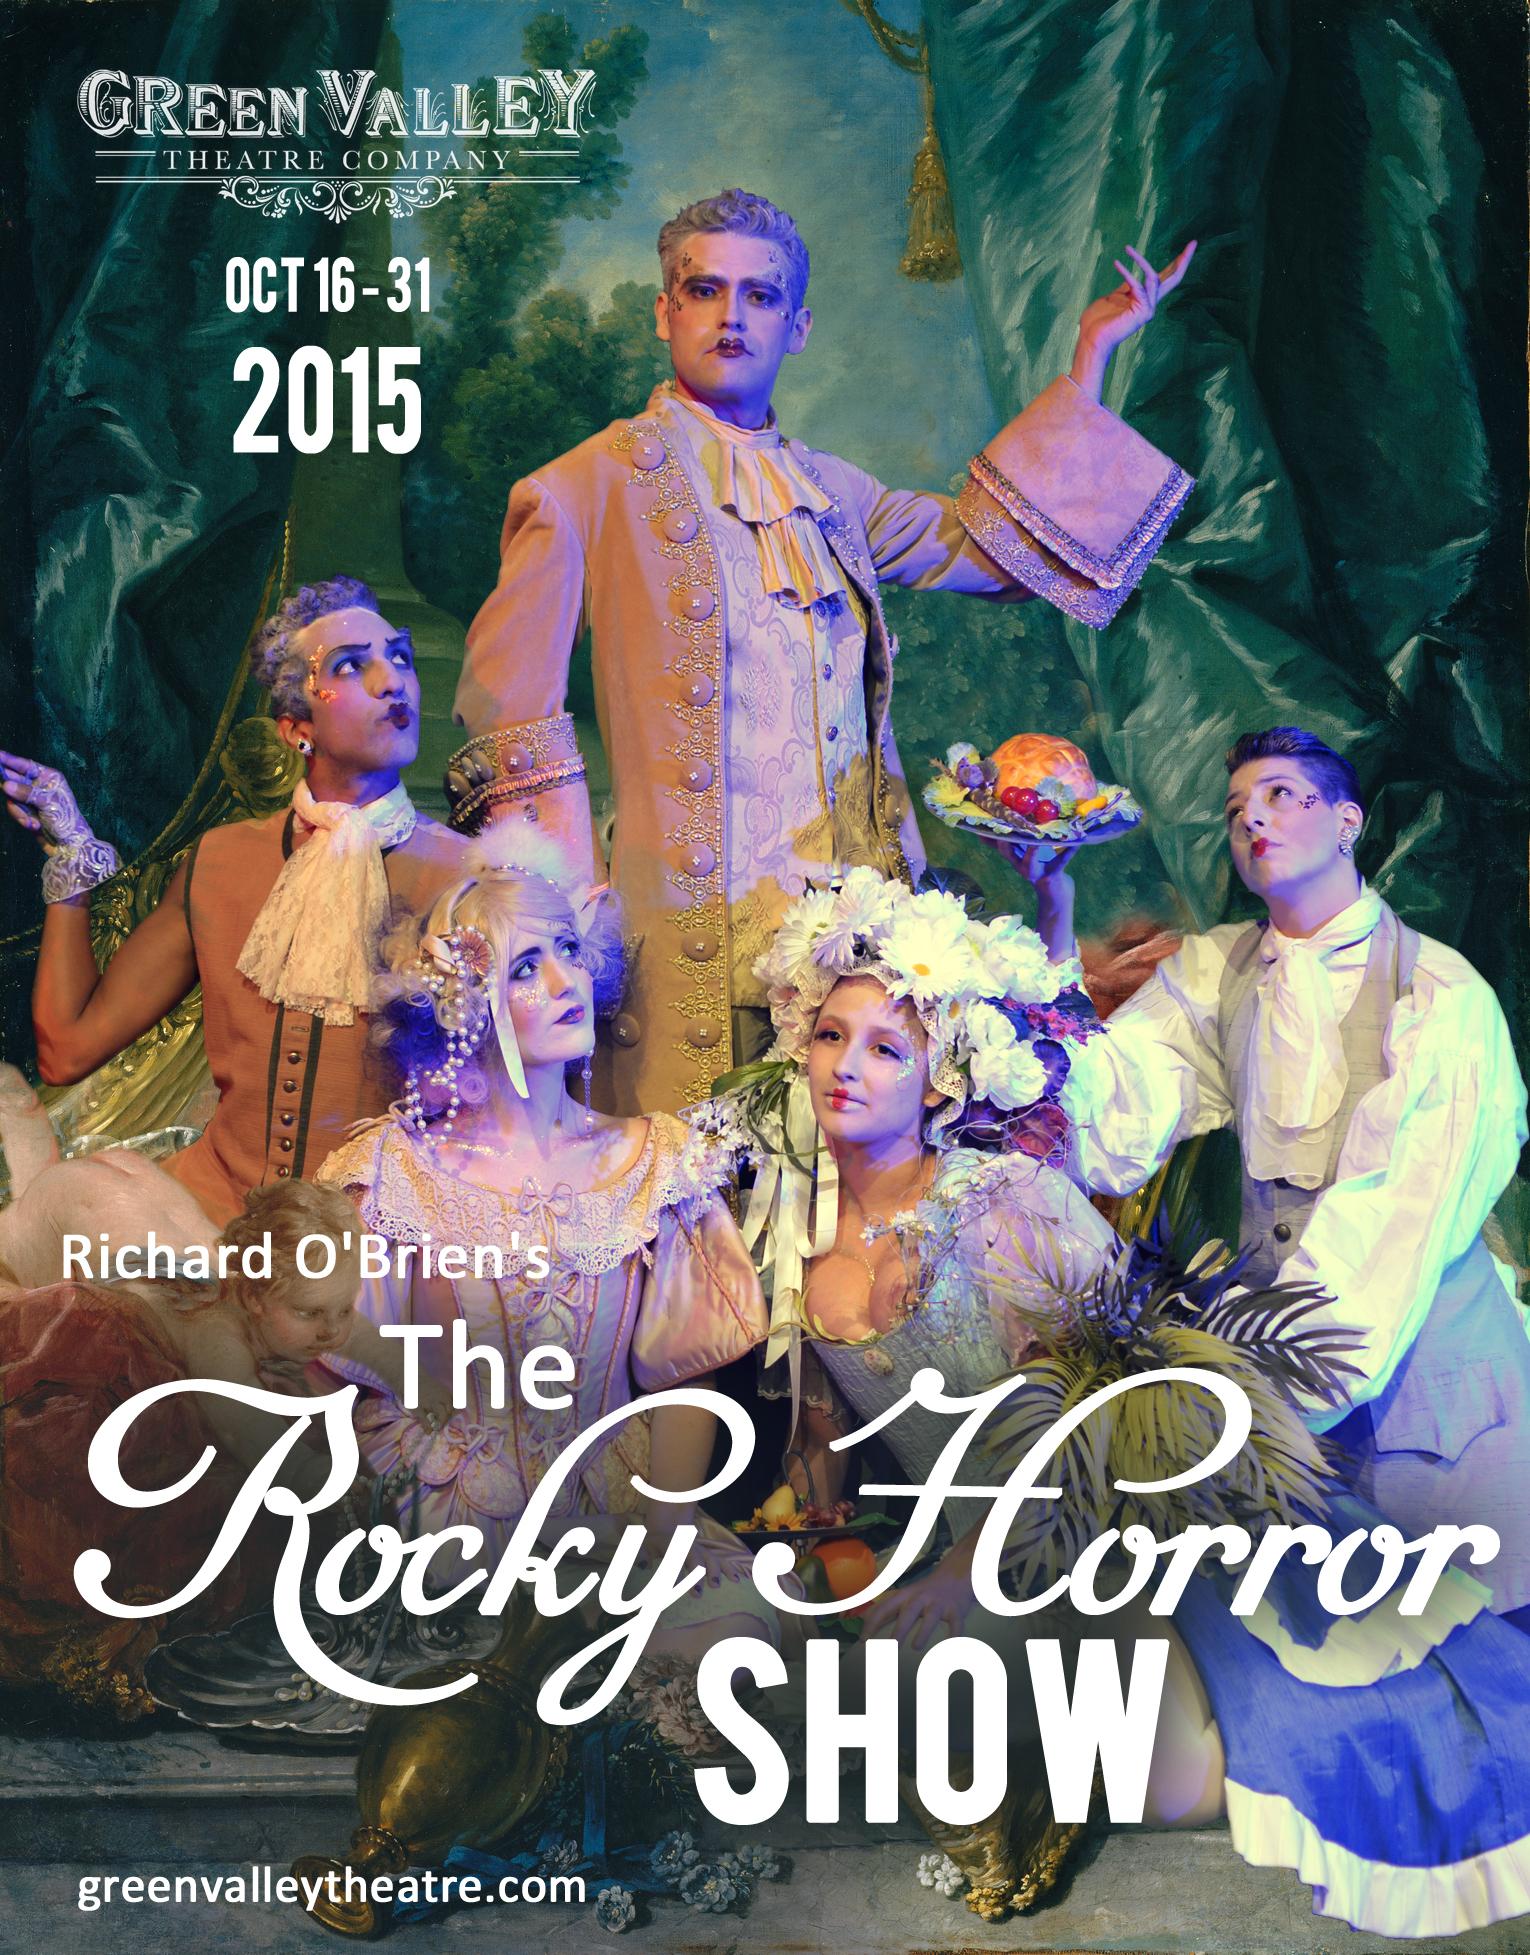 Rocky Horror Show -Rococo! - October 16th-31stExplore